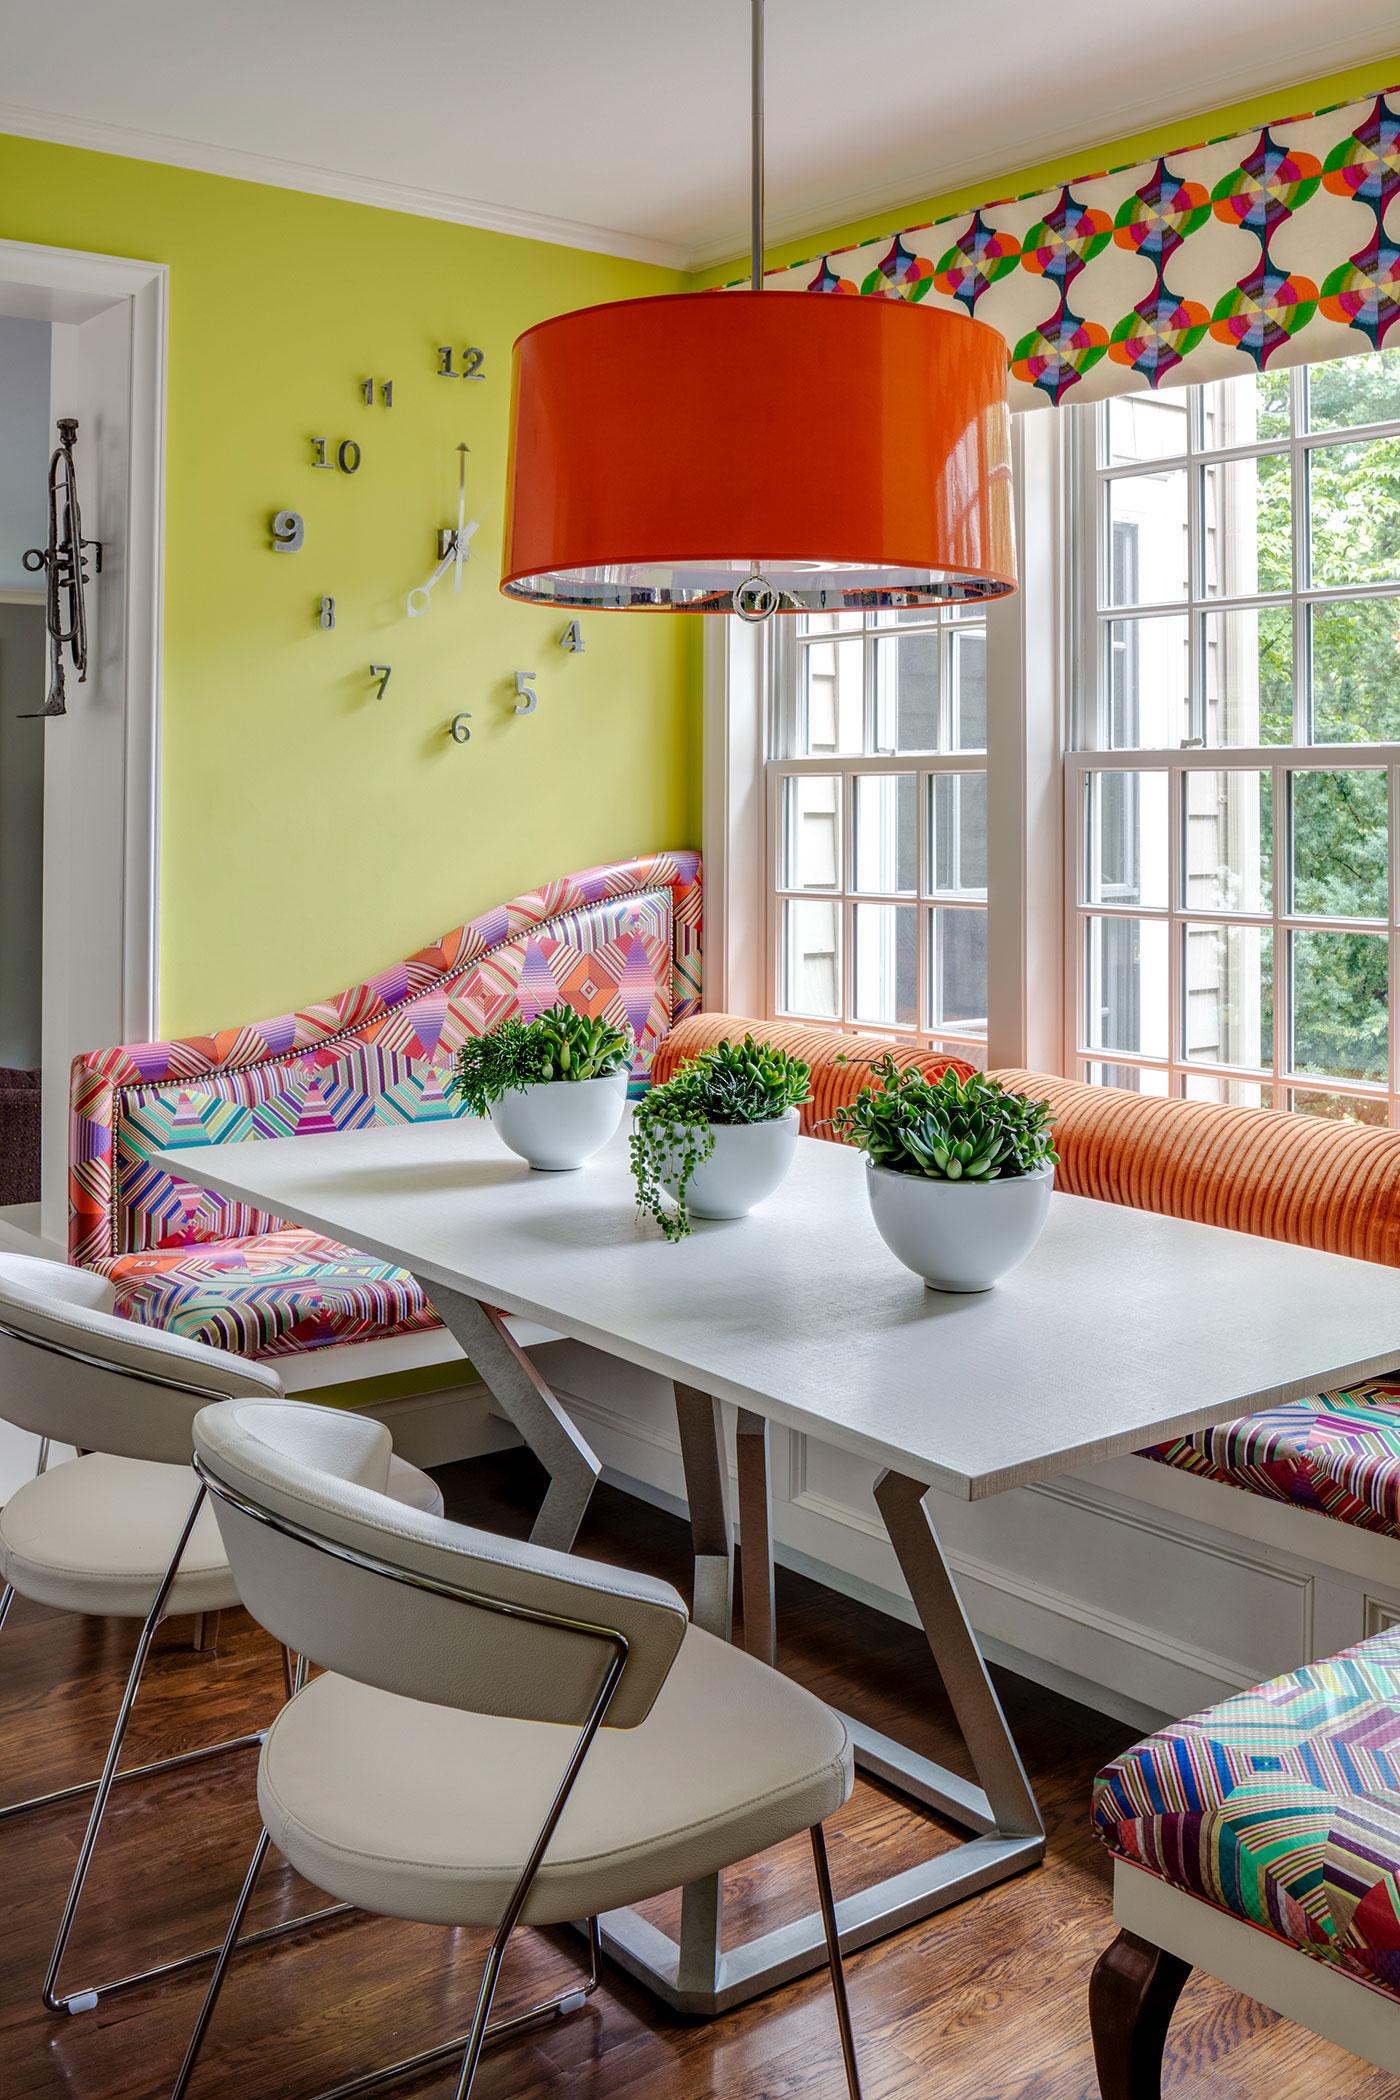 Bespoke Design Kitchen Banquette by Heather Vaughan Interior Design